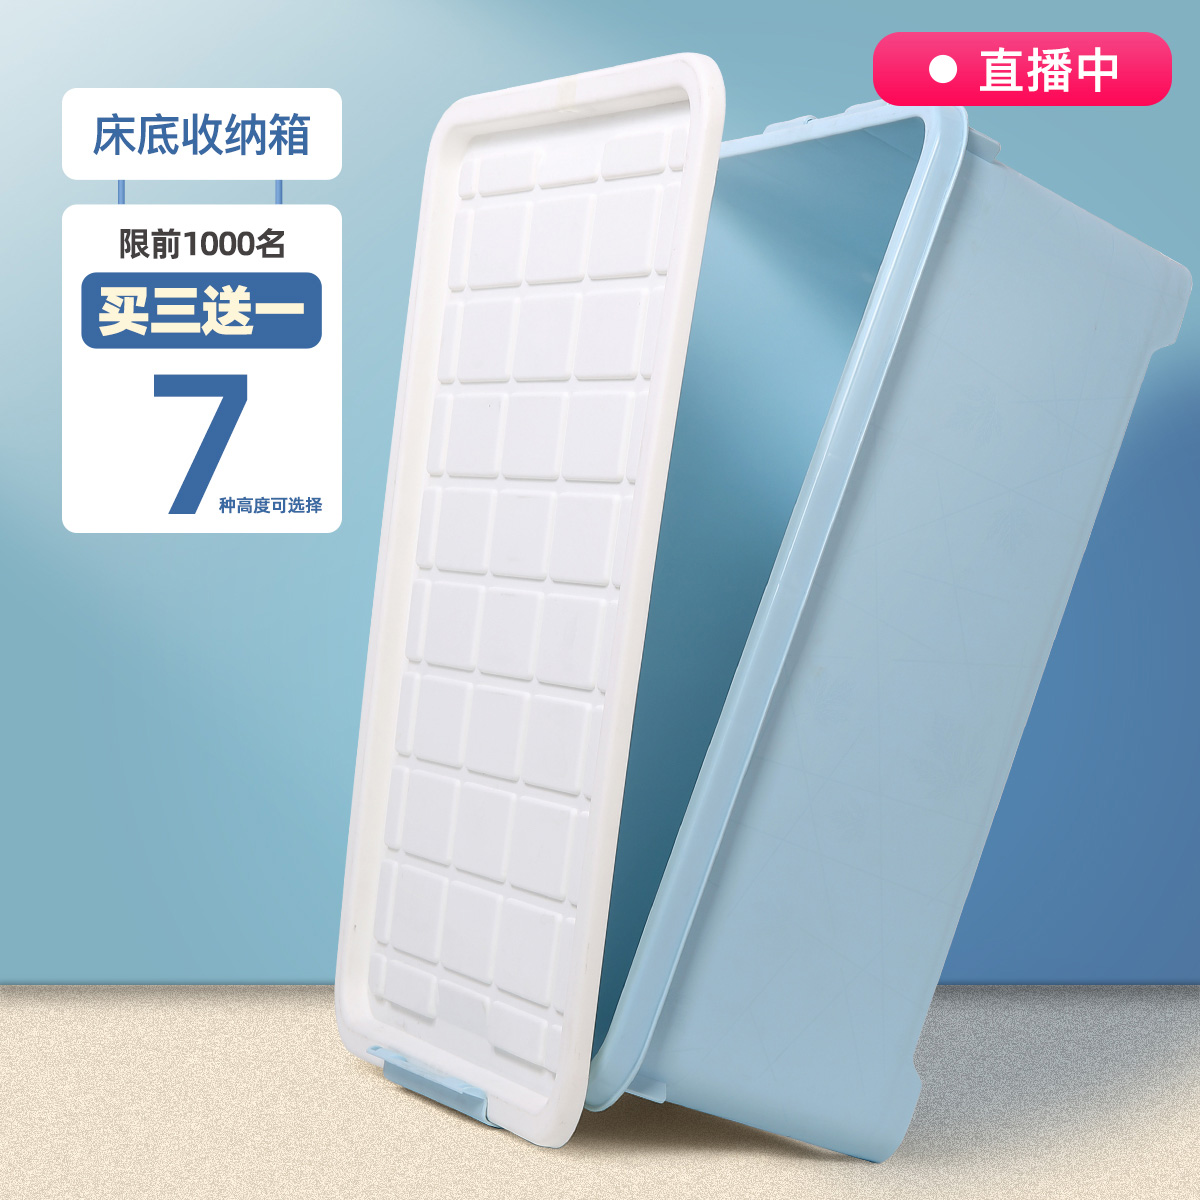 床底收纳箱塑料收纳盒整理箱扁平抽屉式特大号床下衣服大号储物箱